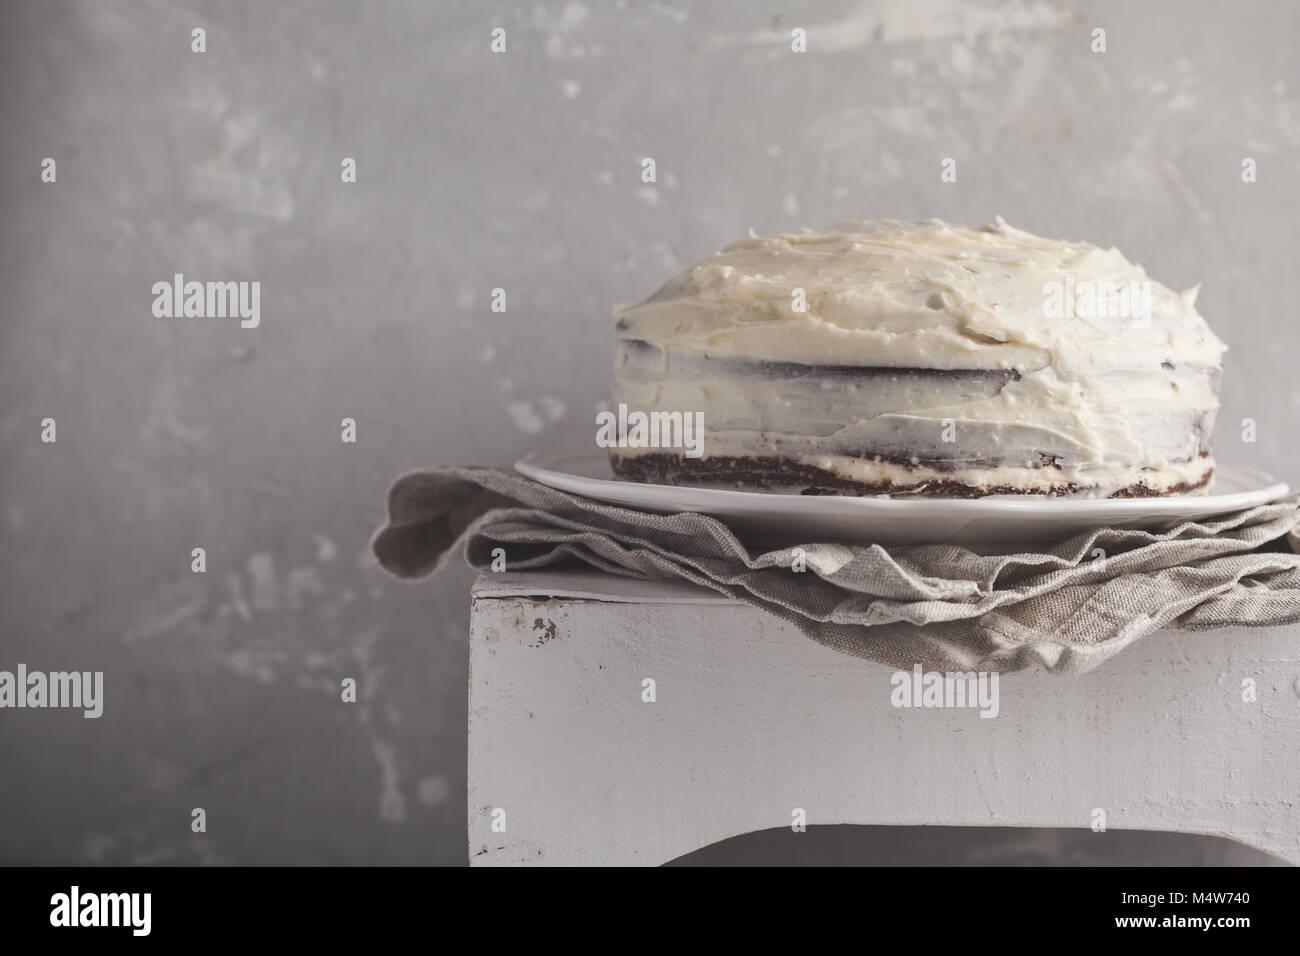 Eine ganze (Karotte) Kuchen mit Weiß Creme auf grauem Hintergrund. Festliches dessert Konzept. Stockbild